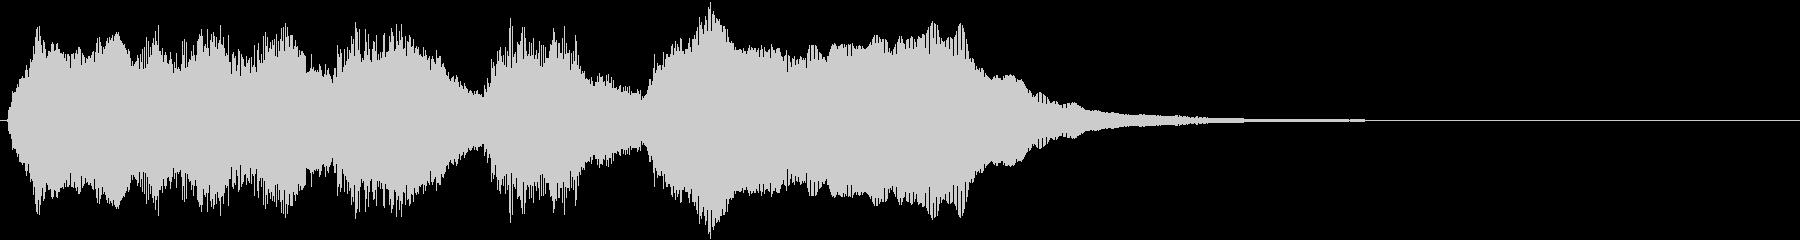 終了感が出たパイプオルガンの短いジングルの未再生の波形